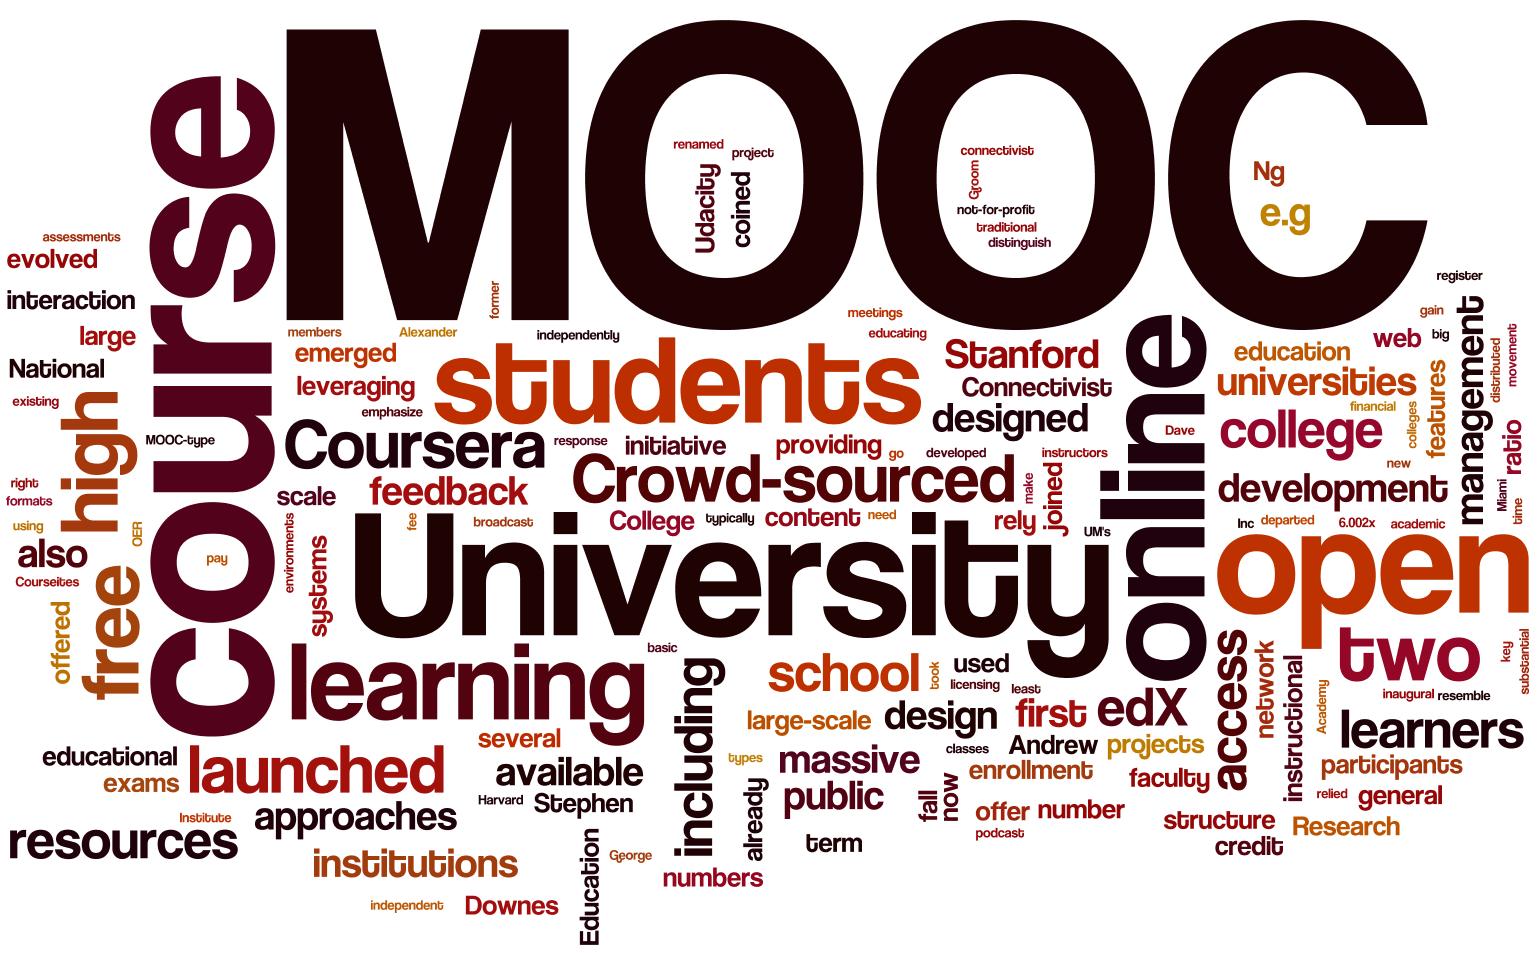 Etude sur l'avenir des MOOCs